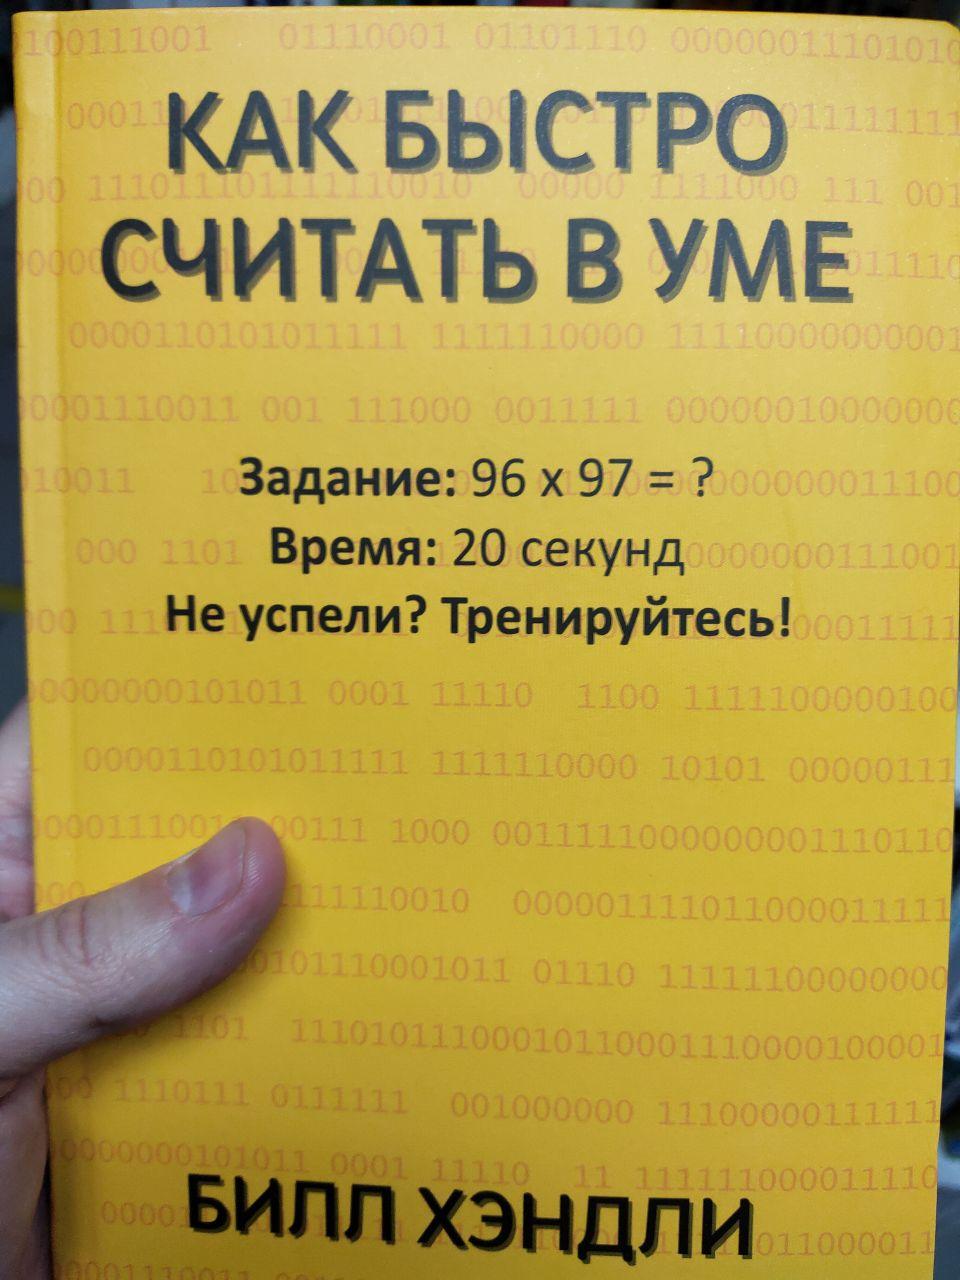 Когда-то я покупал себе эту книгу на английском, а тут вижу белорусы на русском...